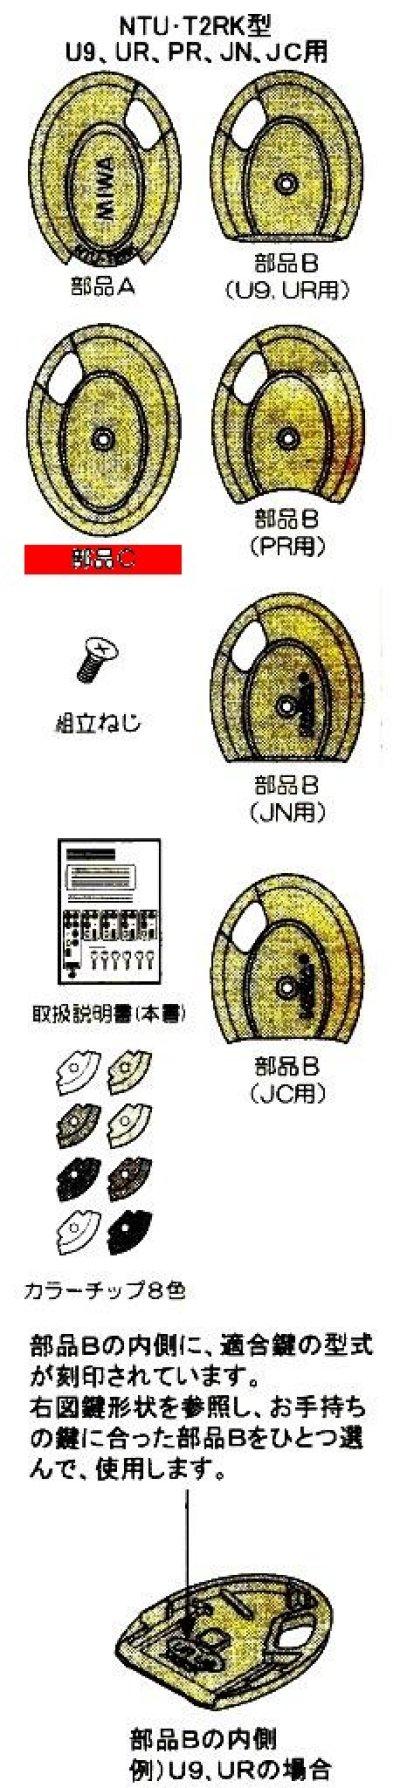 画像1: MIWA,美和ロック NTU・T2RK ノンタッチキー